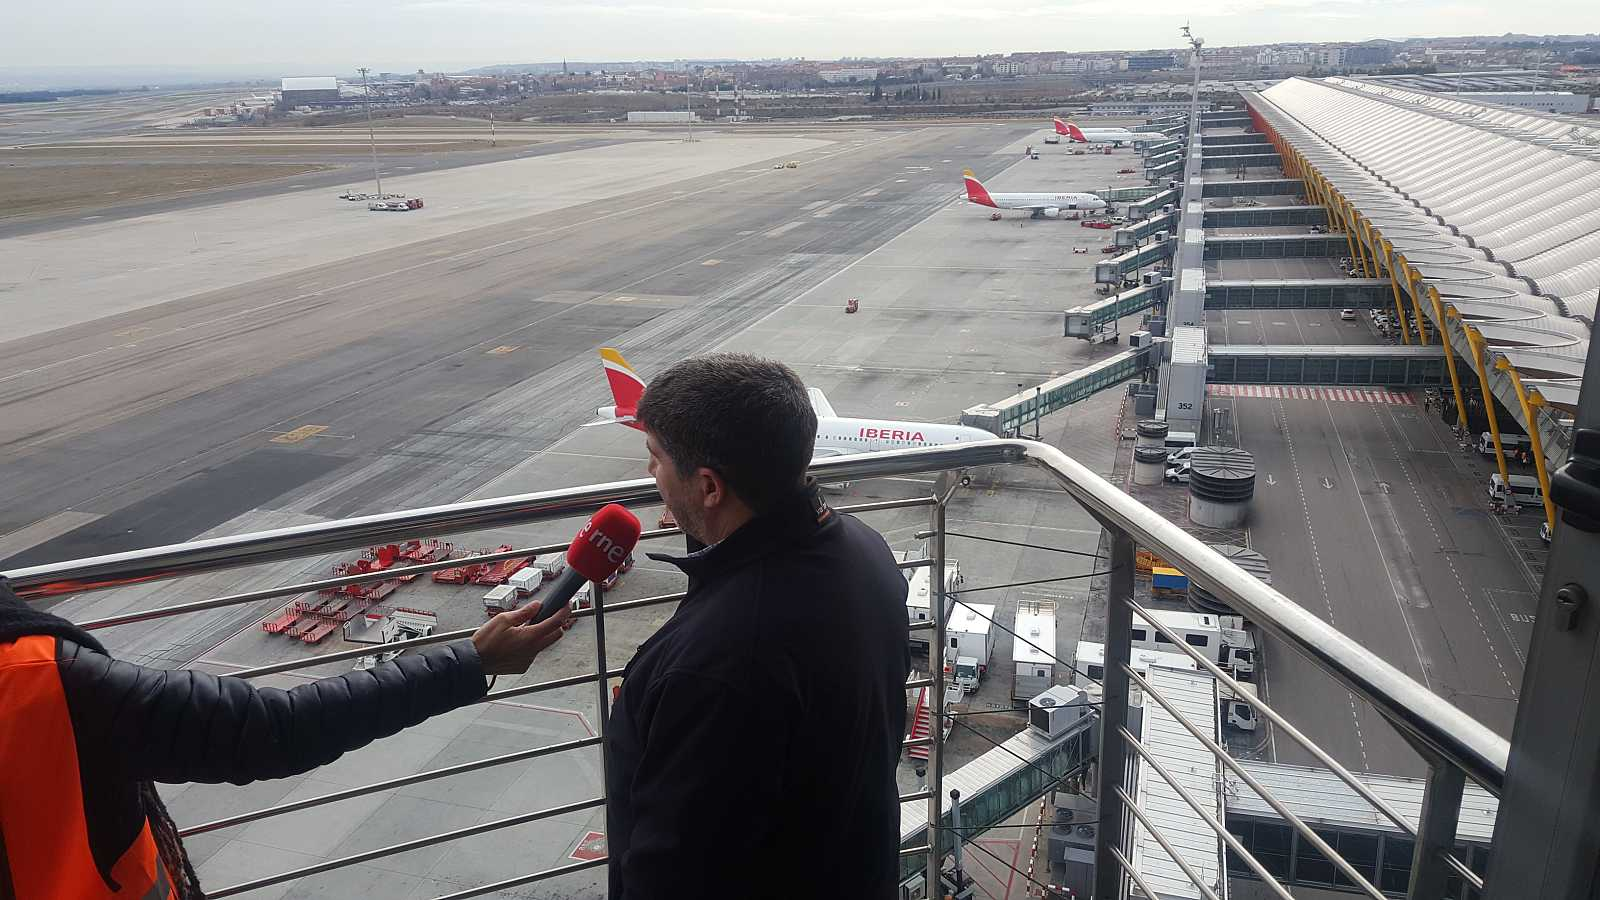 Memoria de delfín - Un recorrido por la T4 del Aeropuerto Adolfo Suárez Madrid-Barajas - 02/02/19 - escuchar ahora